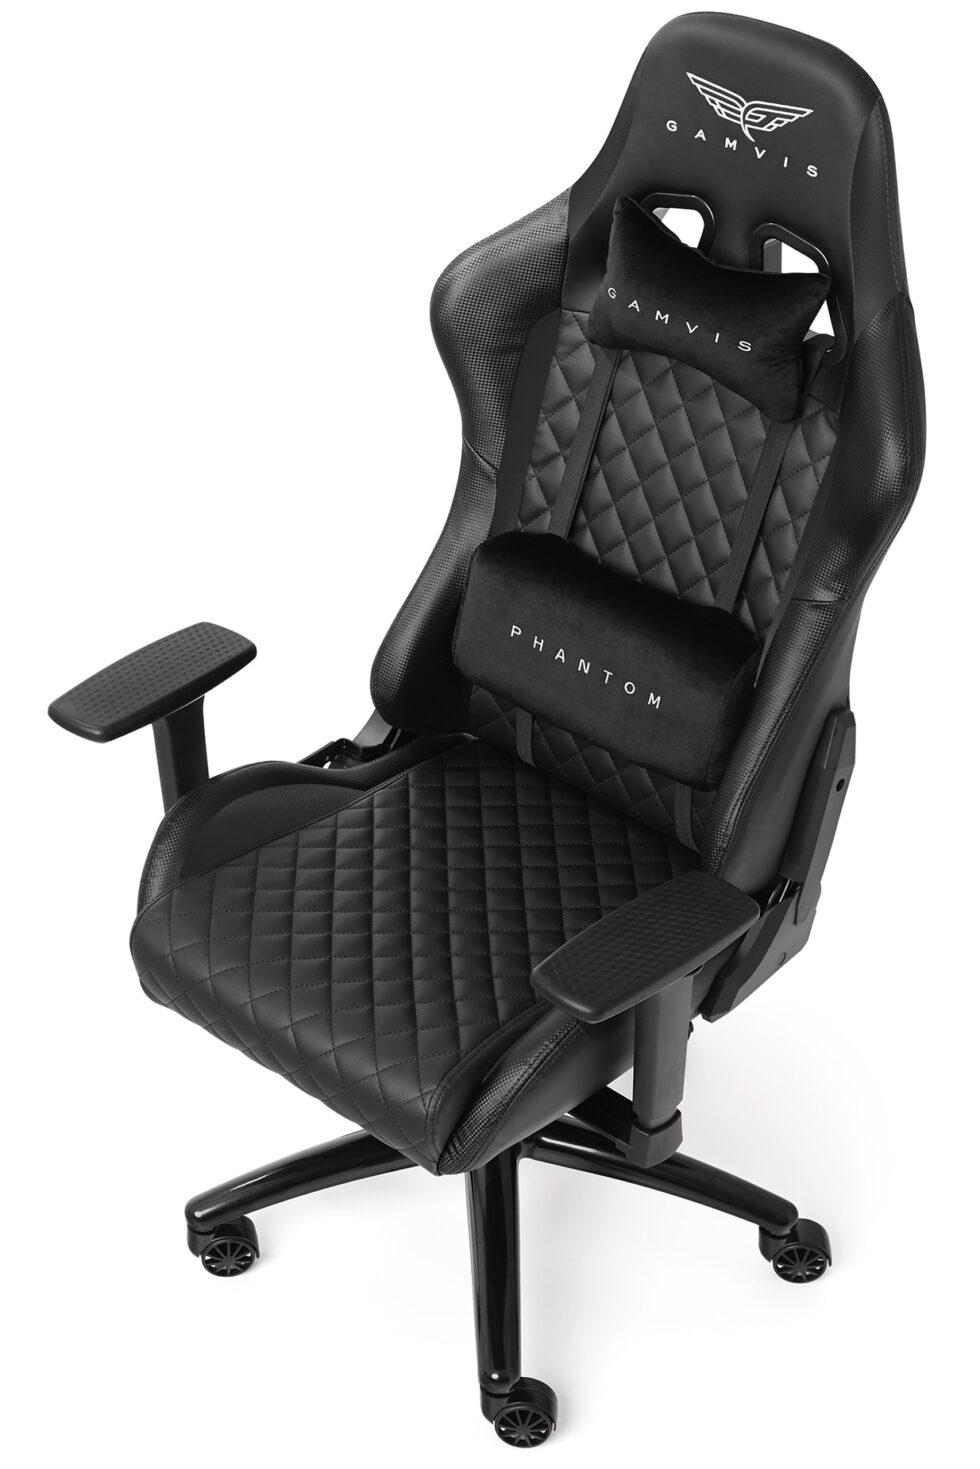 Pikowany Fotel gamingowy Gamvis Phantom Czarny 2